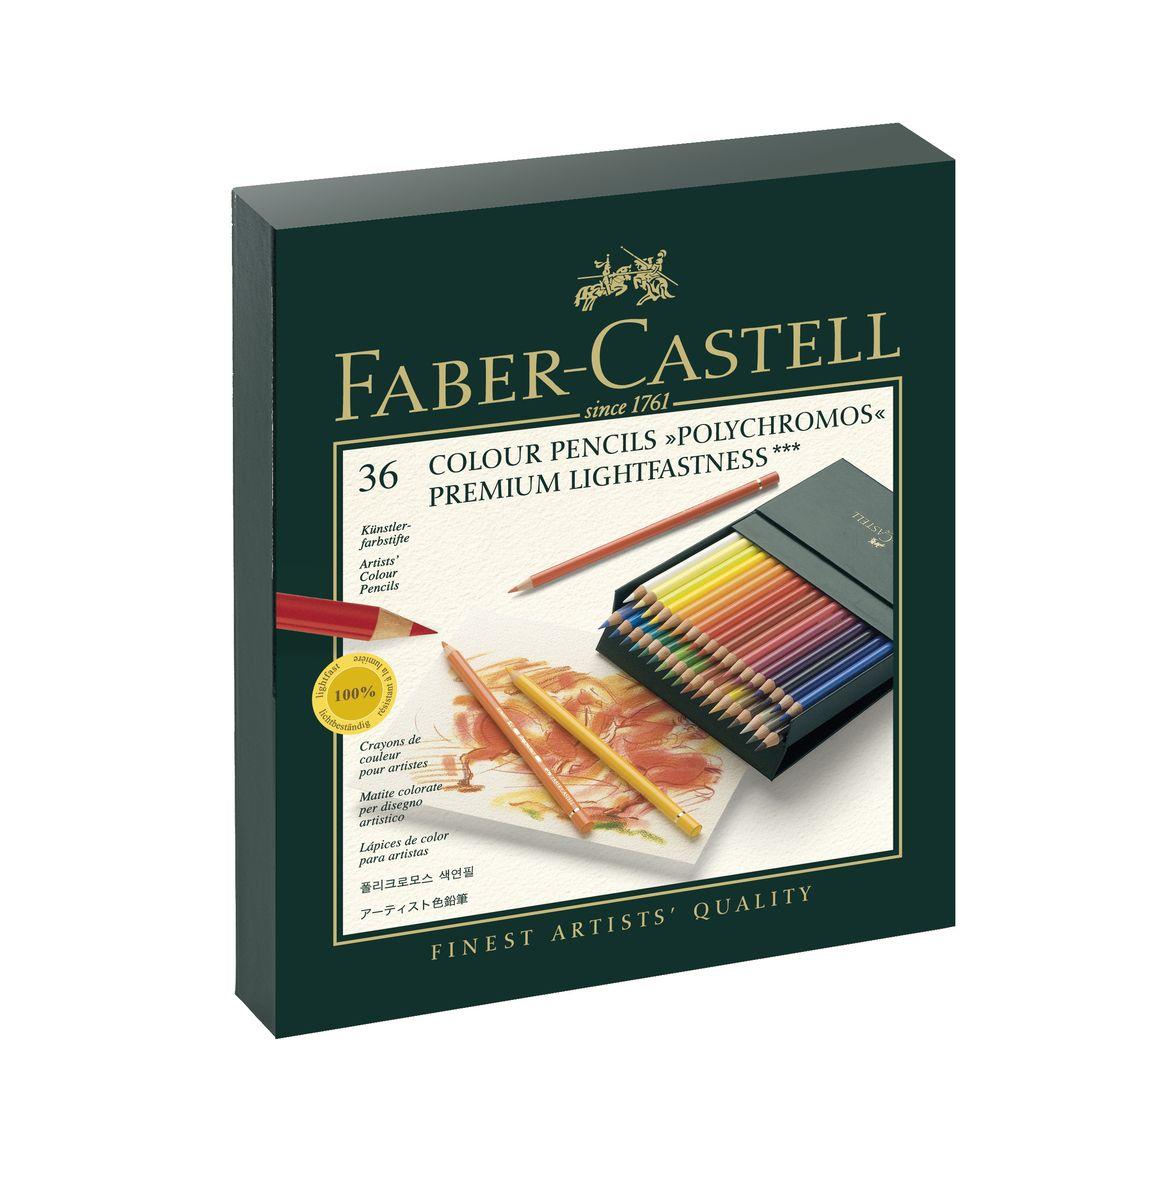 Faber-Castell Цветные карандаши POLYCHROMOS набор цветов в студийной (кожзам) коробке 36 шт110038цветные карандаши наивысшего качества • высокое содержание очень качественных пигментов гарантирует устойчивость к воздействию света и интенсивность • грифель толщиной 3,8 мм • гладкий грифель на основе воска, водоустойчив, не размазывается